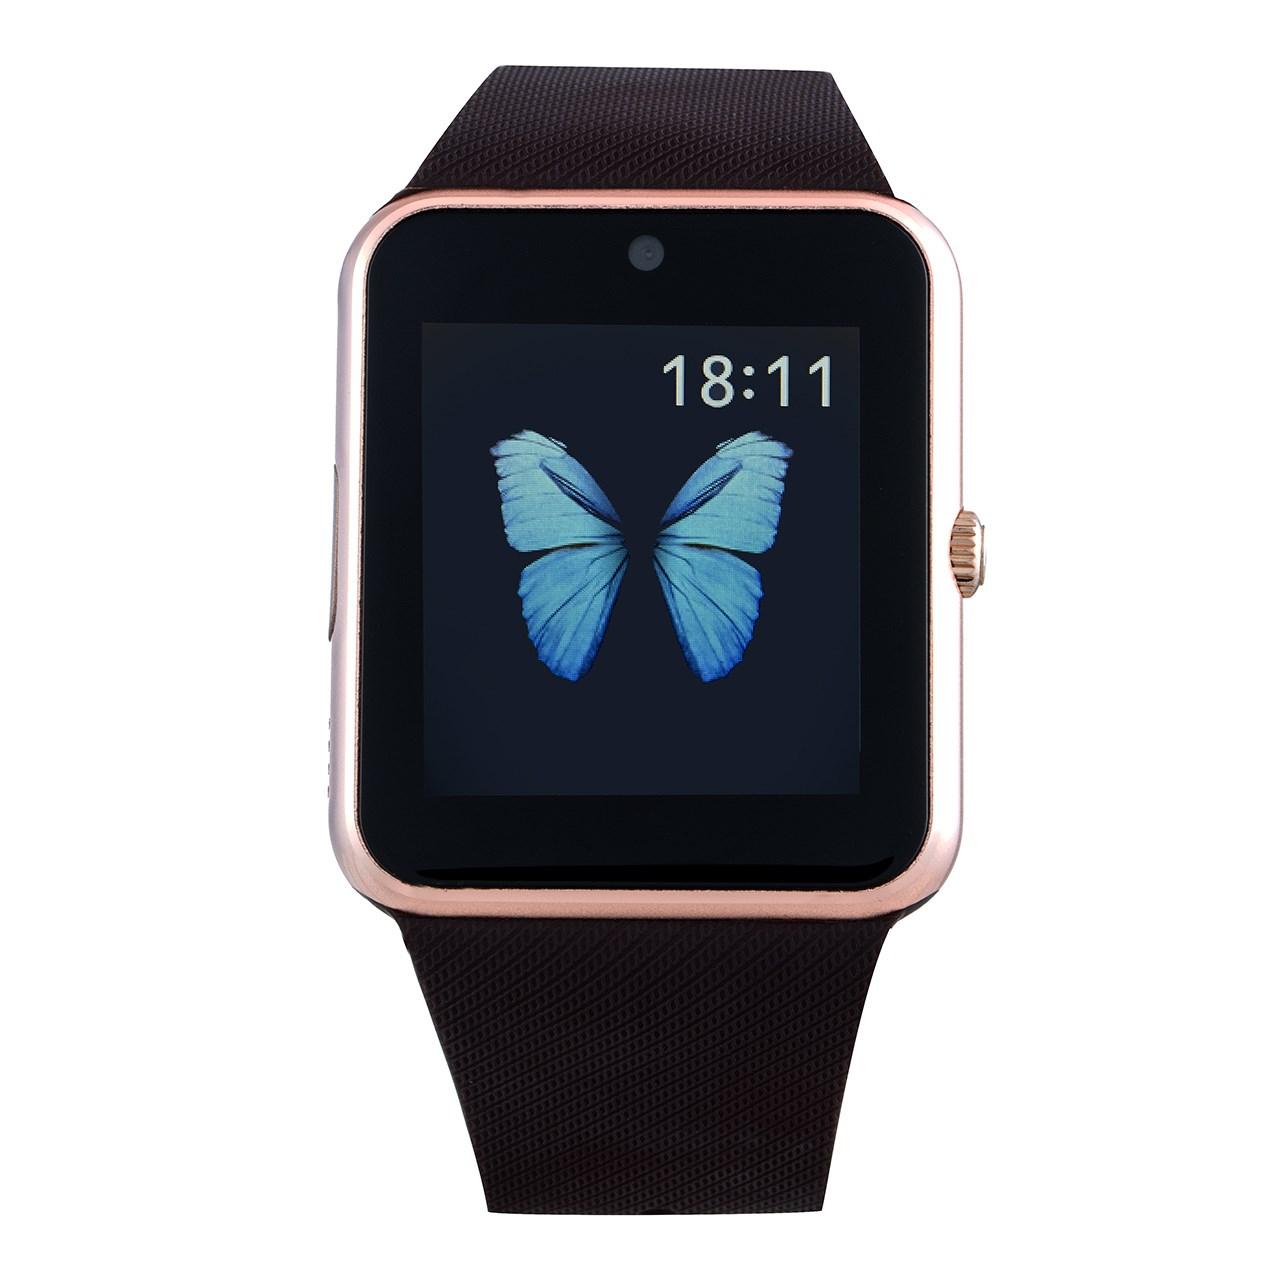 ساعت هوشمندجی تب مدل W800